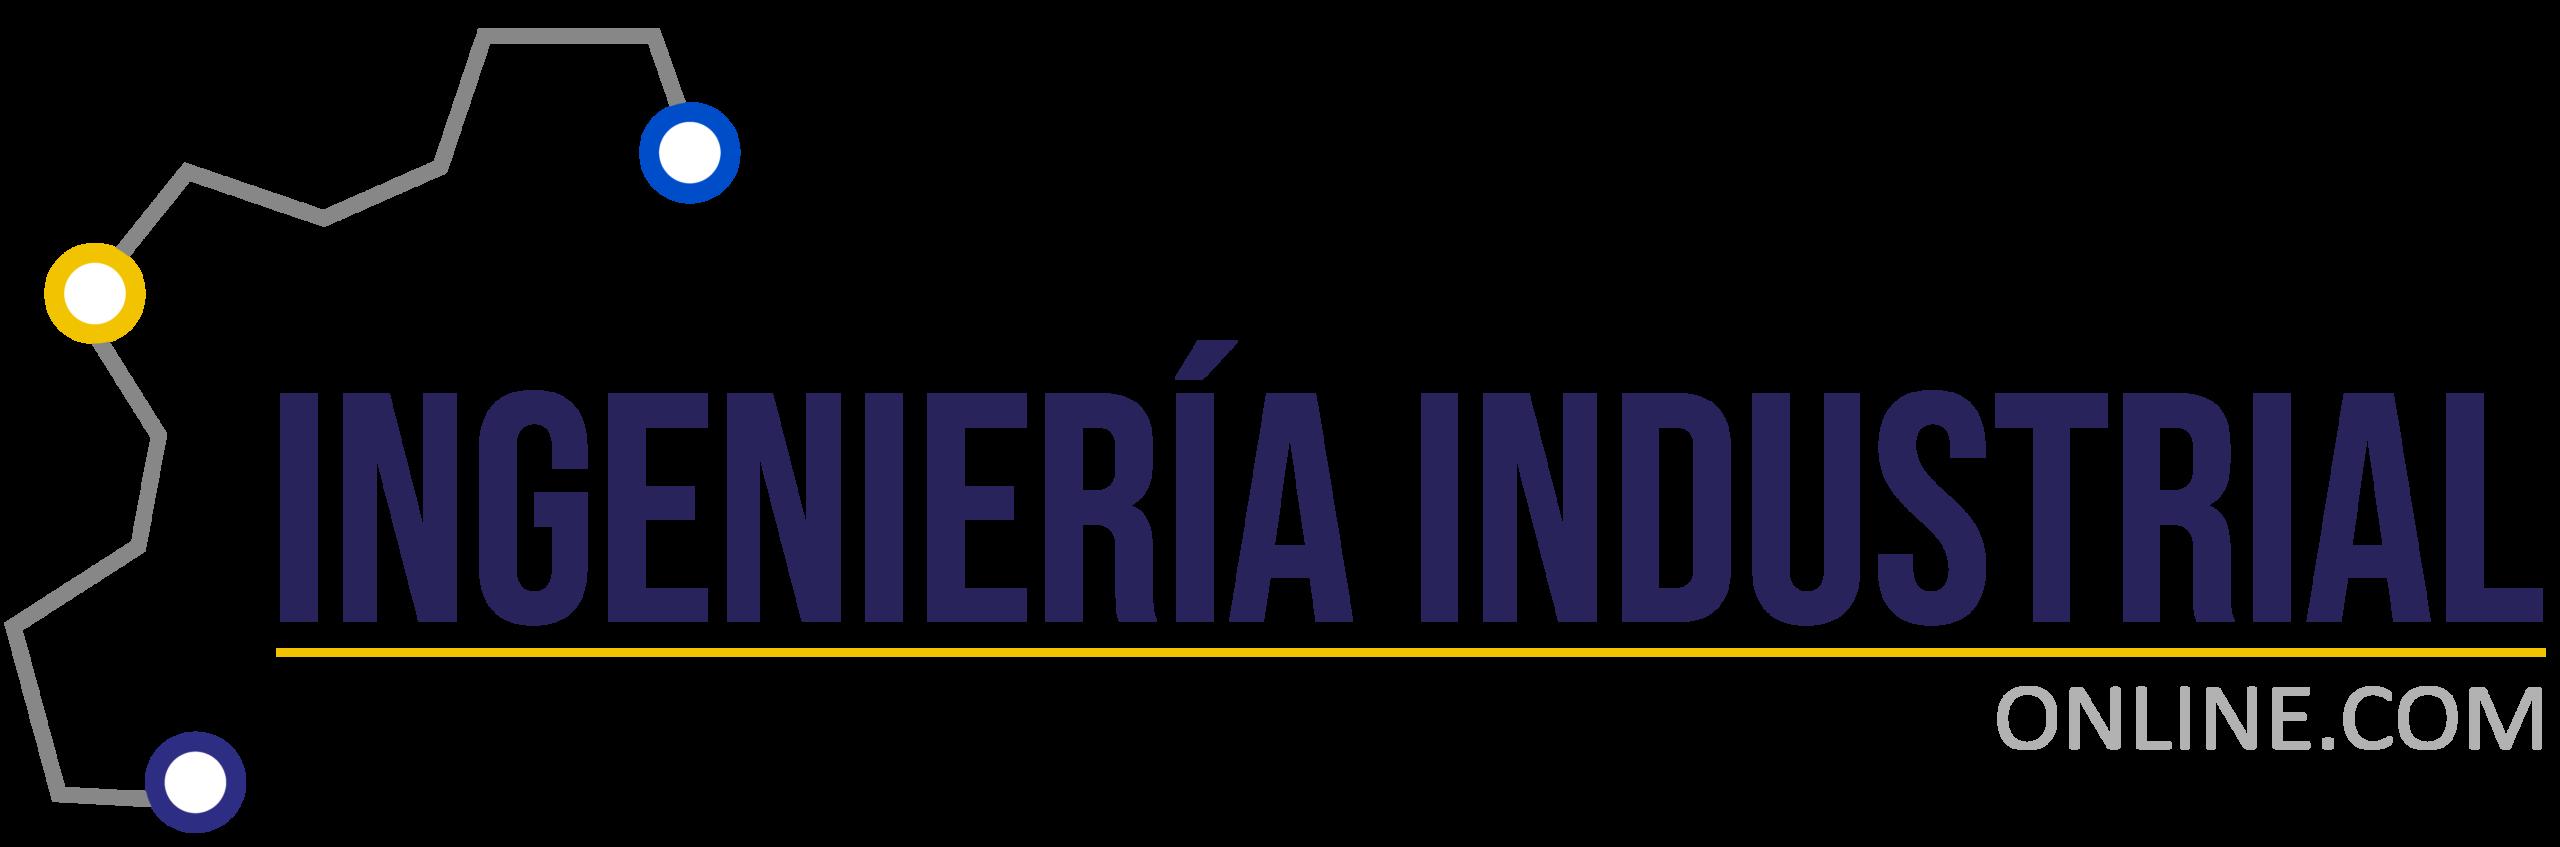 Evaluacion De La Metodologia 5s Checklist Ingenieria Industrial Online